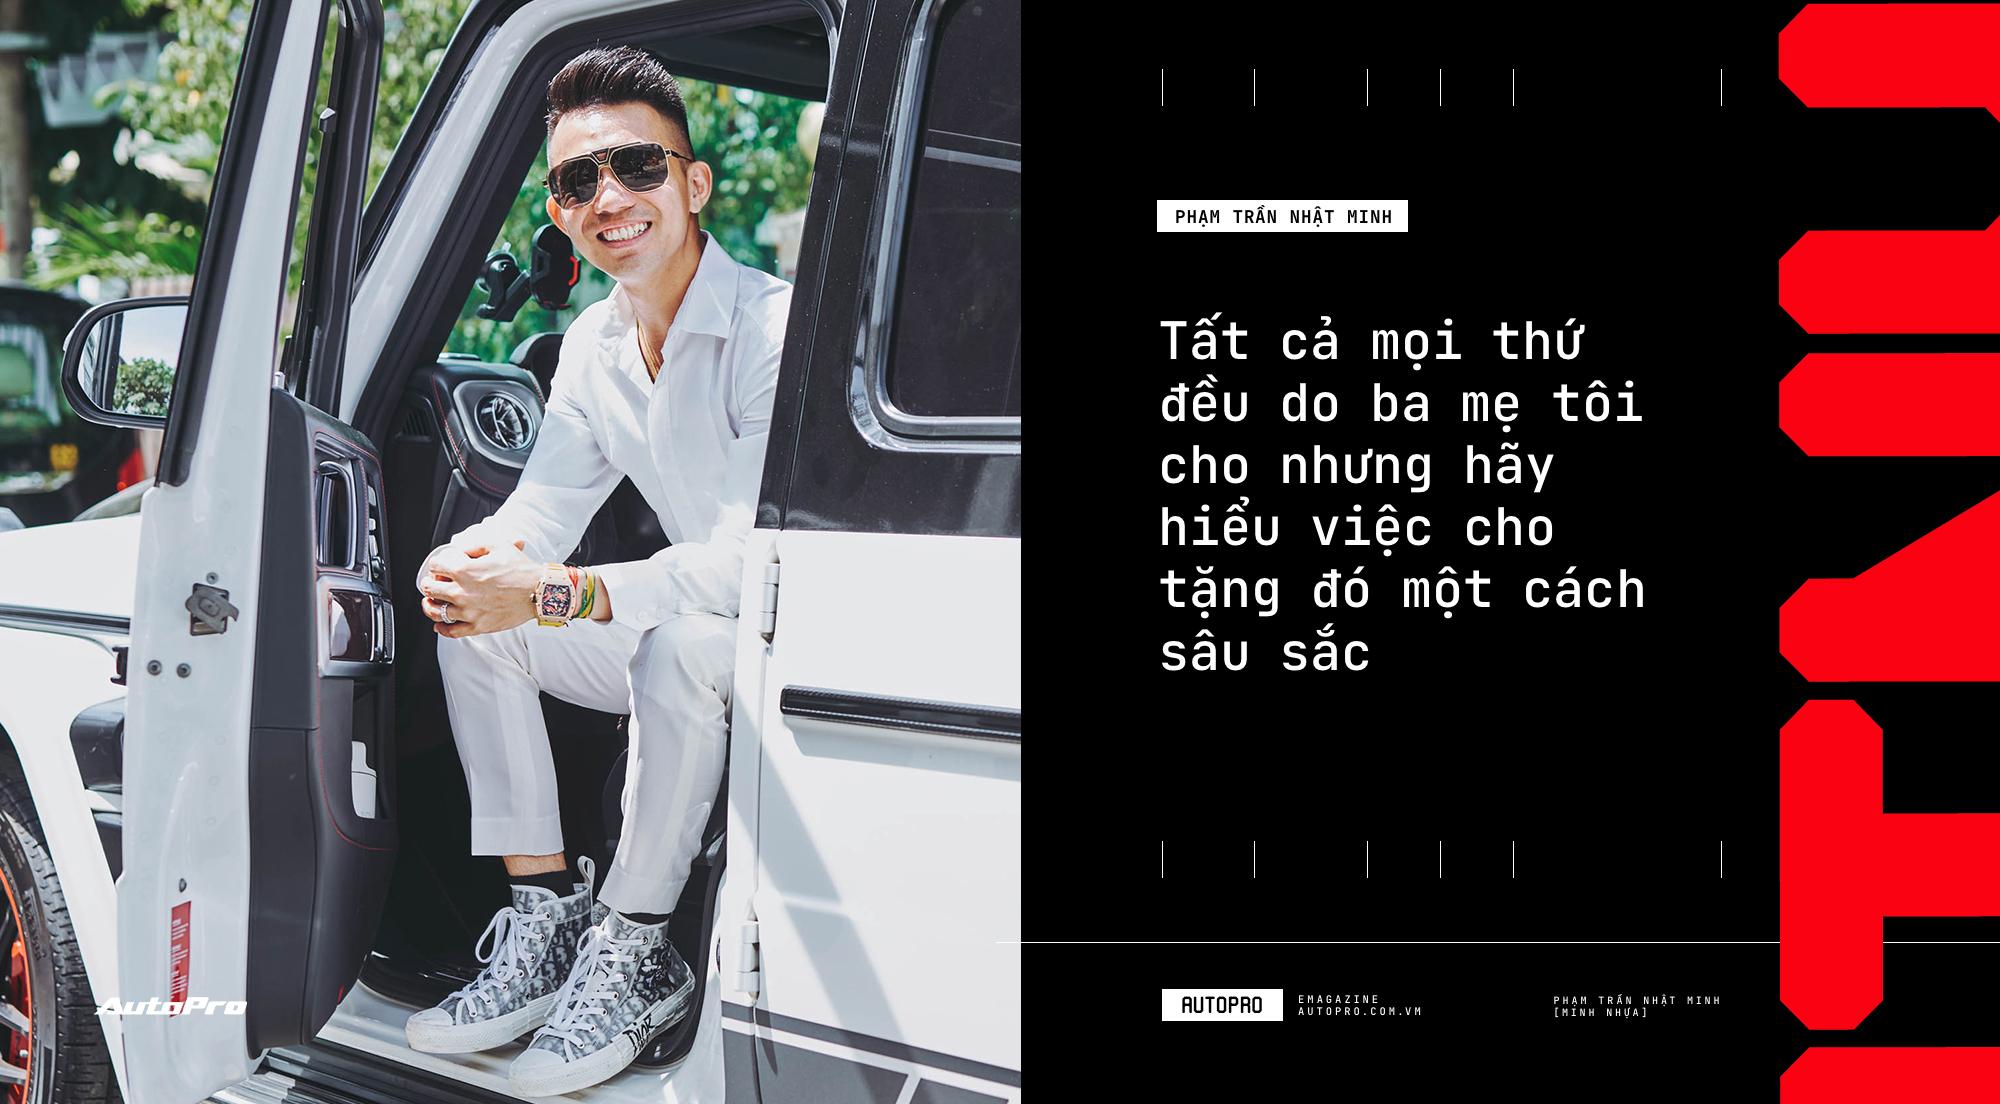 Doanh nhân Phạm Trần Nhật Minh: 'Xe 7 hay 10 tỷ với tôi giờ quá dễ dàng' - Ảnh 19.